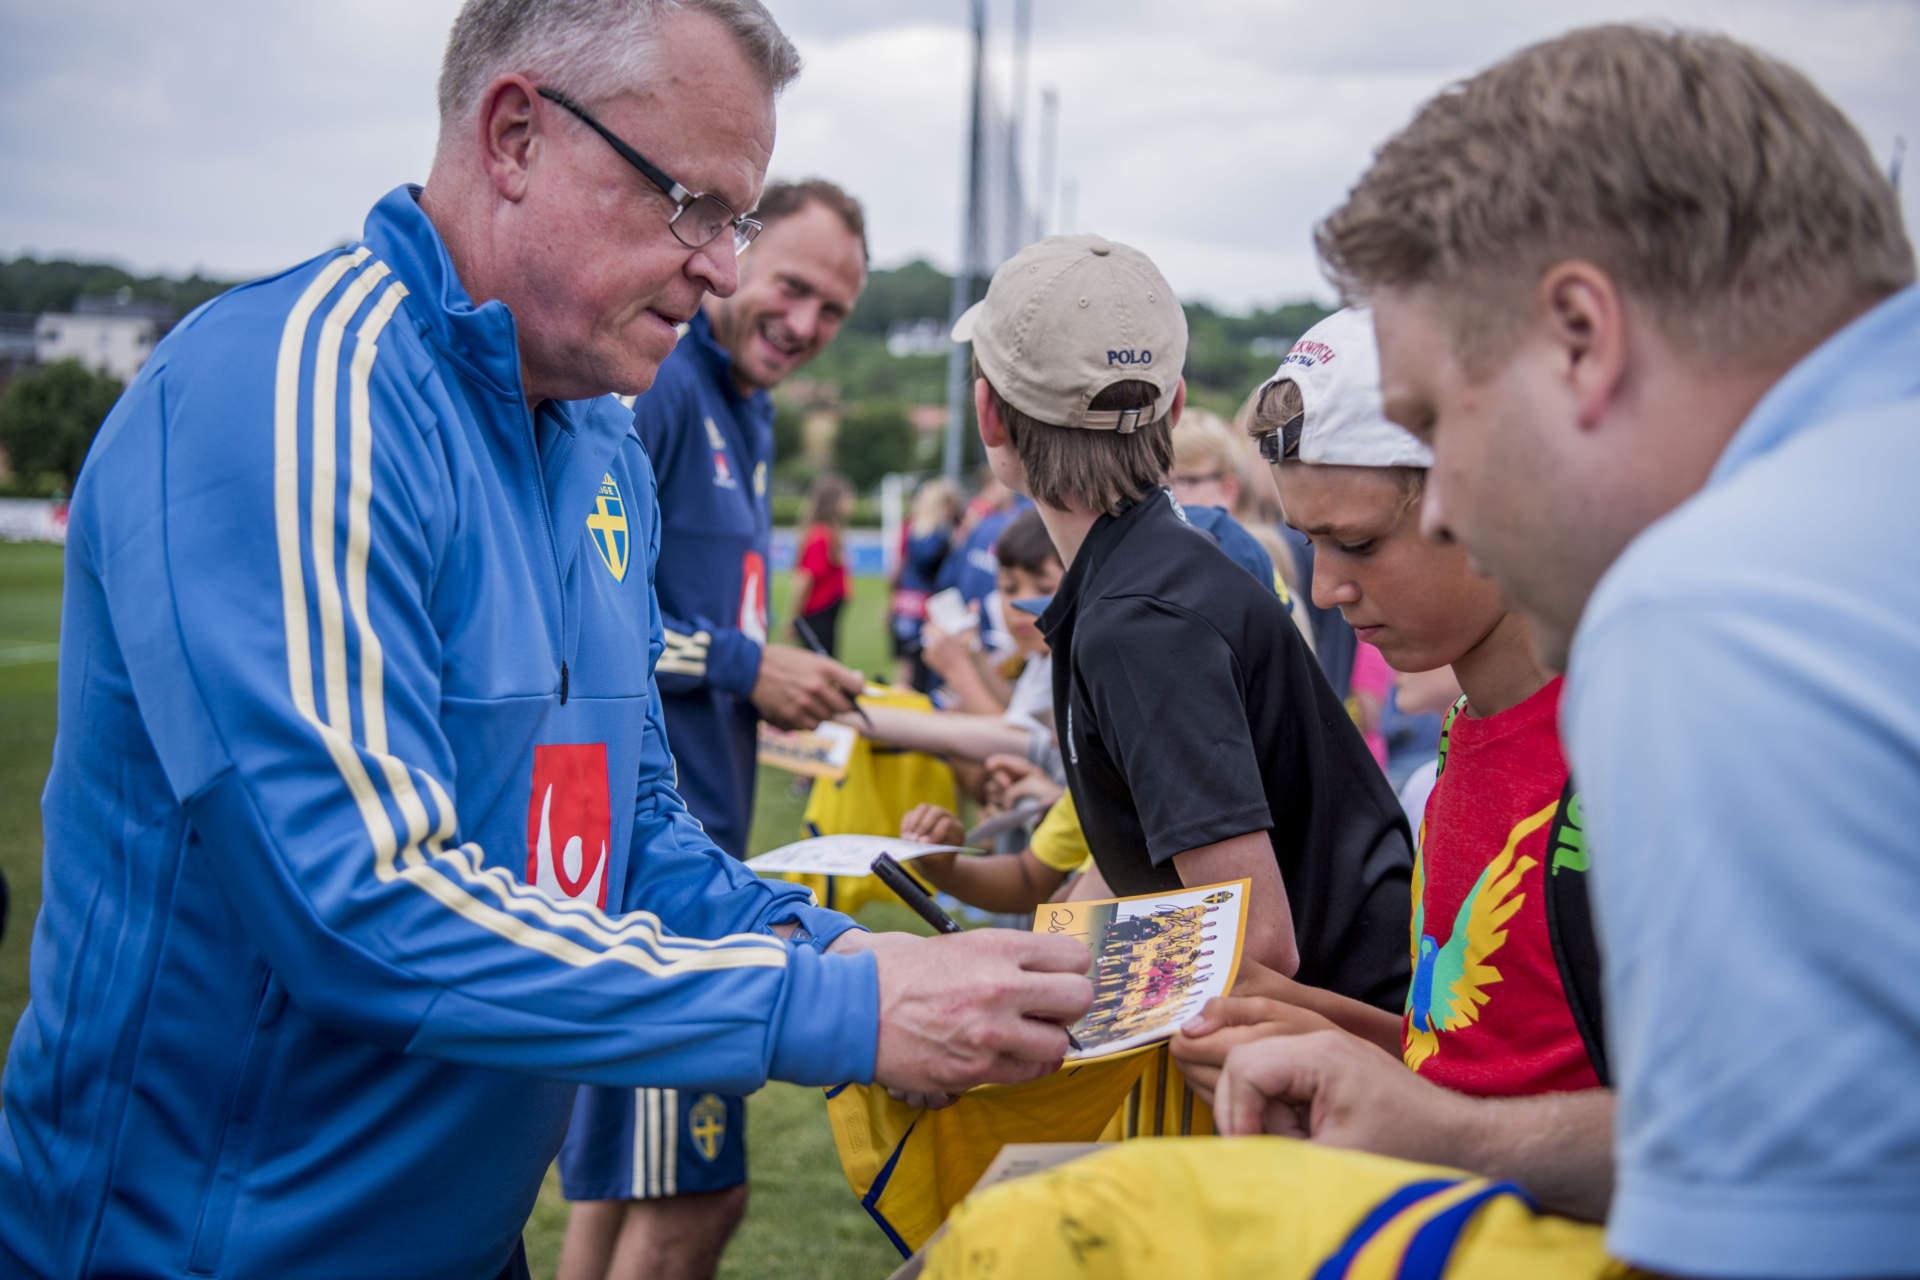 infšr vm 2018 i ryssland. svenska landslaget trŠnar. jan andersson janne, fotbollstrŠnare sverige fšrbundskapten, skriver autografer